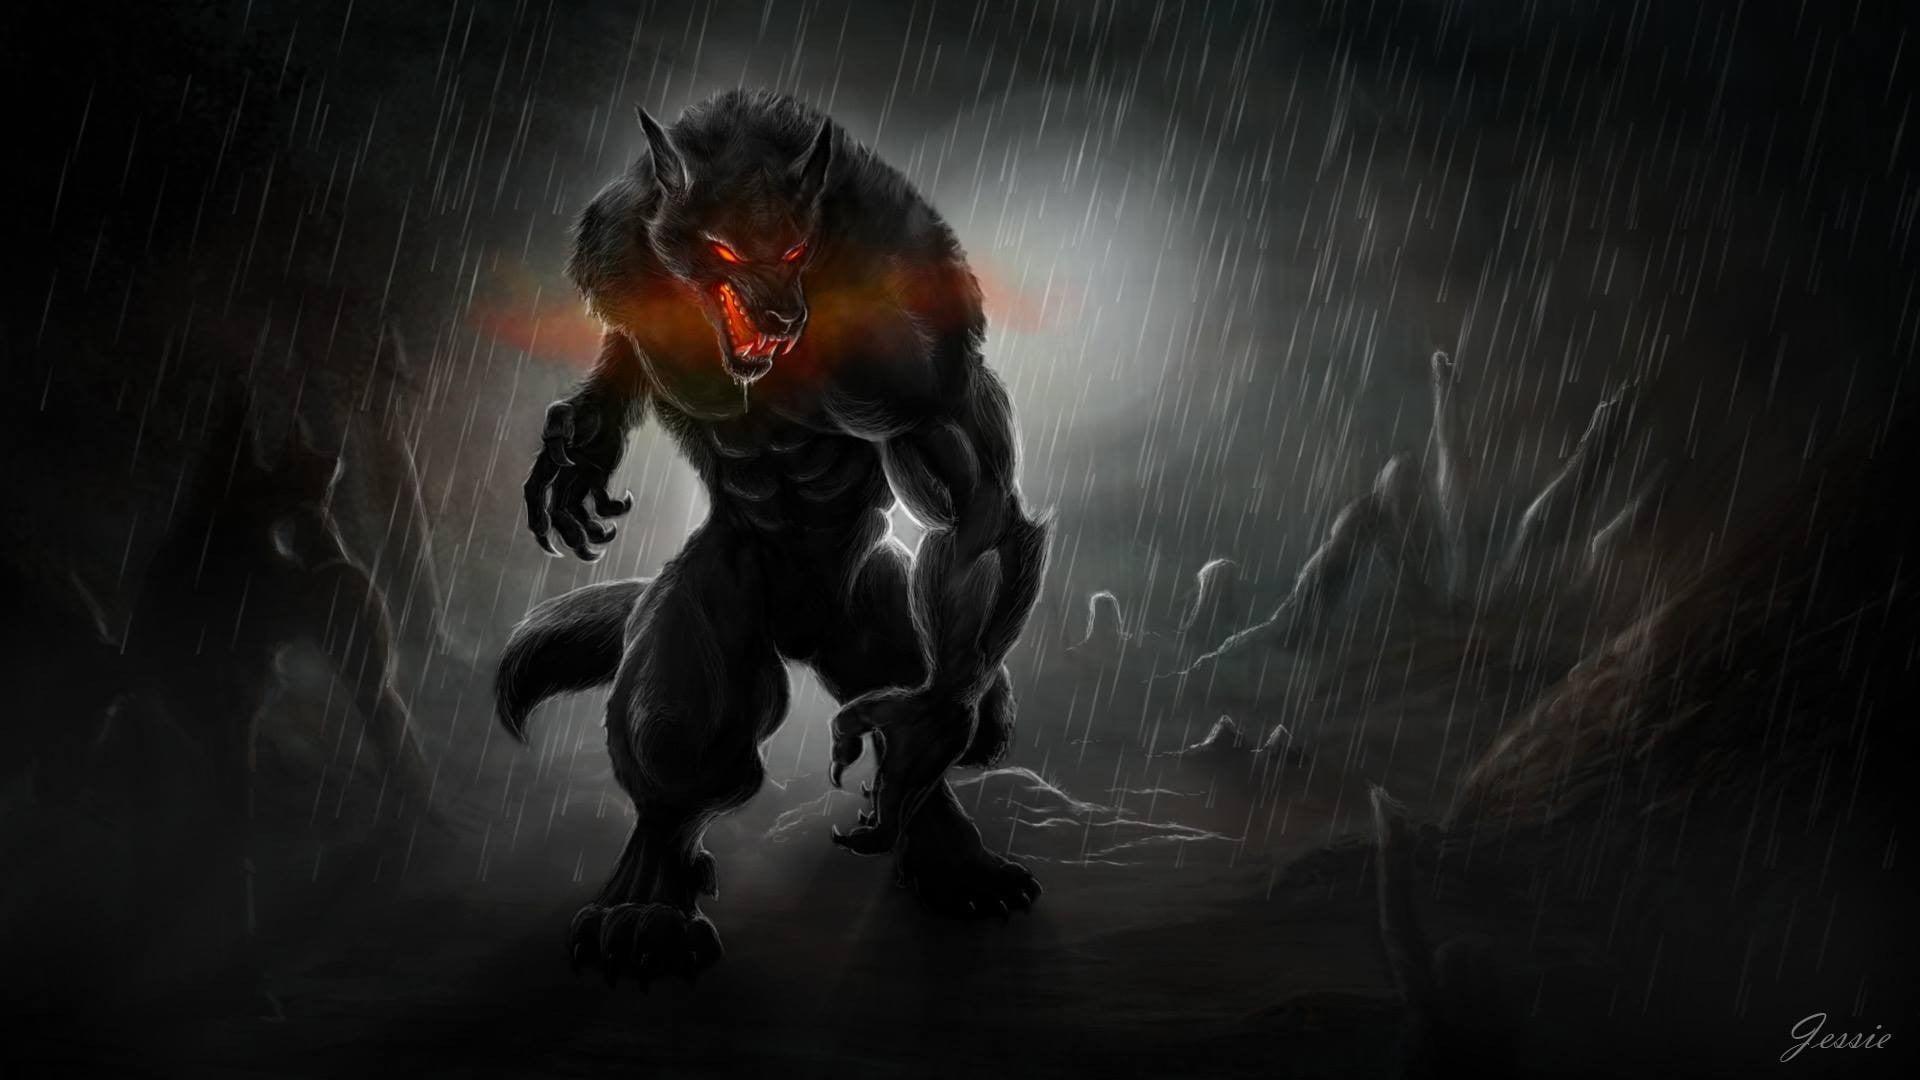 Werewolf hd background